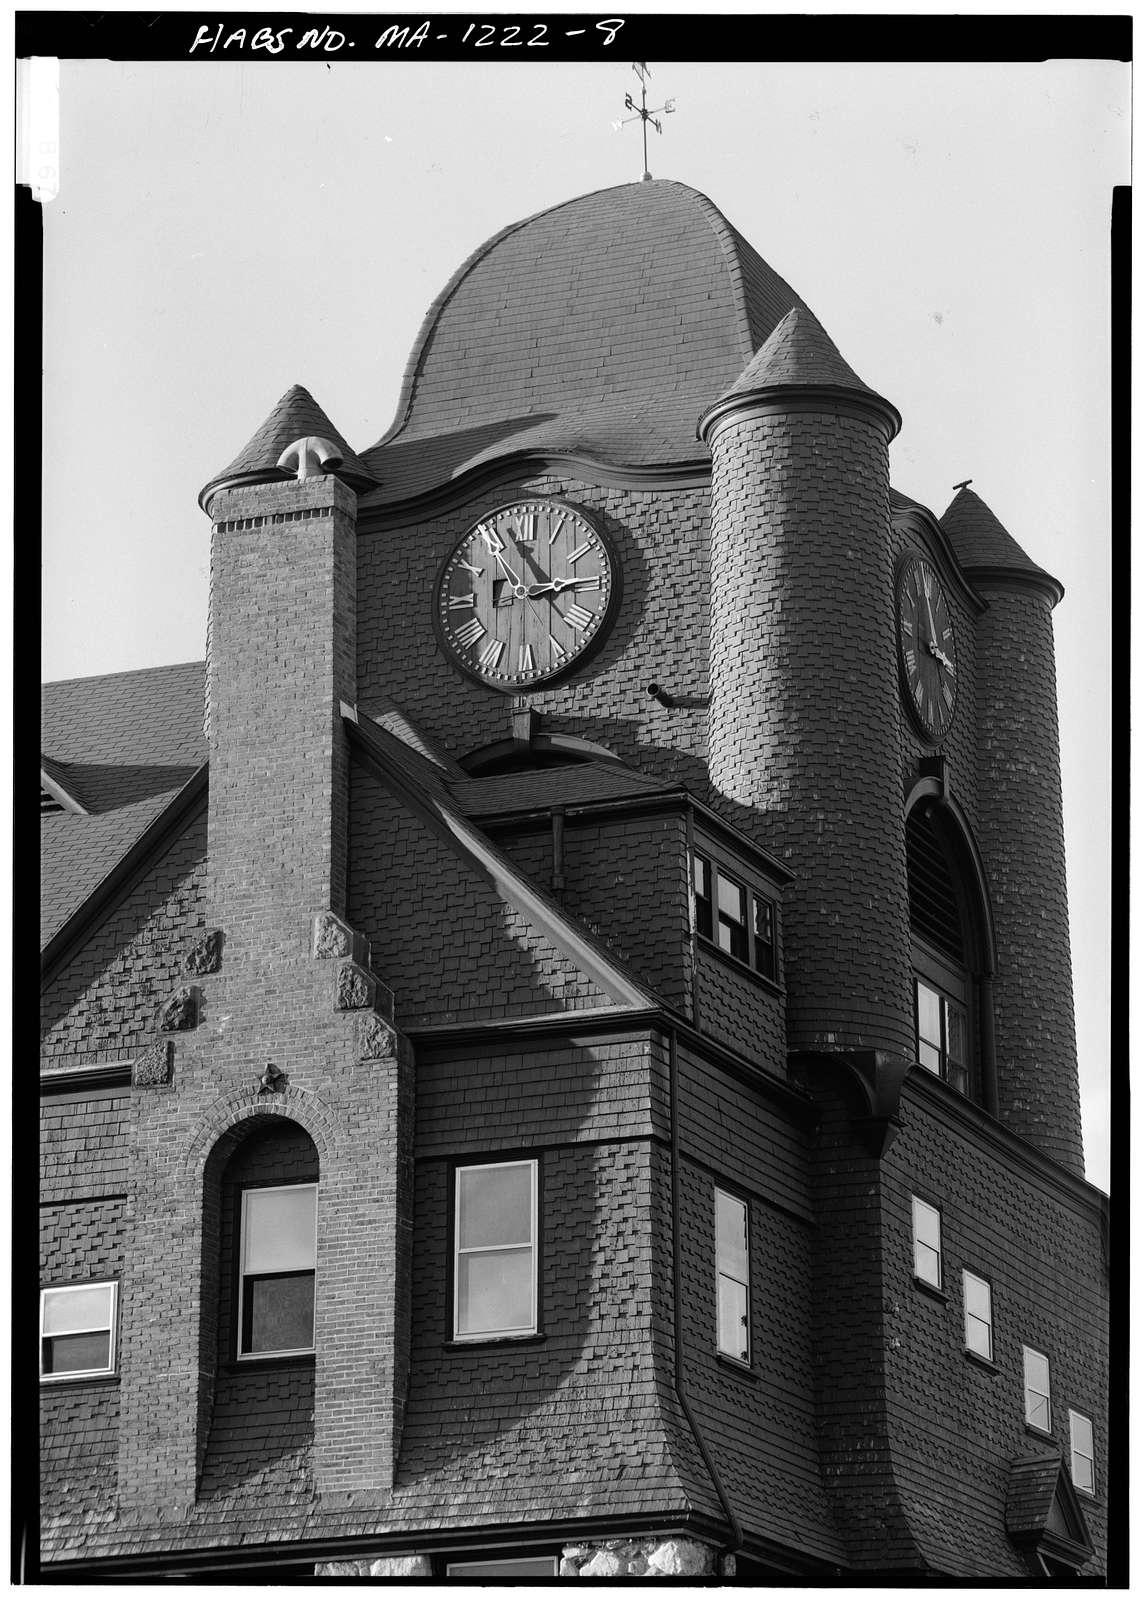 Essex Town Hall, Martin Street, Essex, Essex County, MA